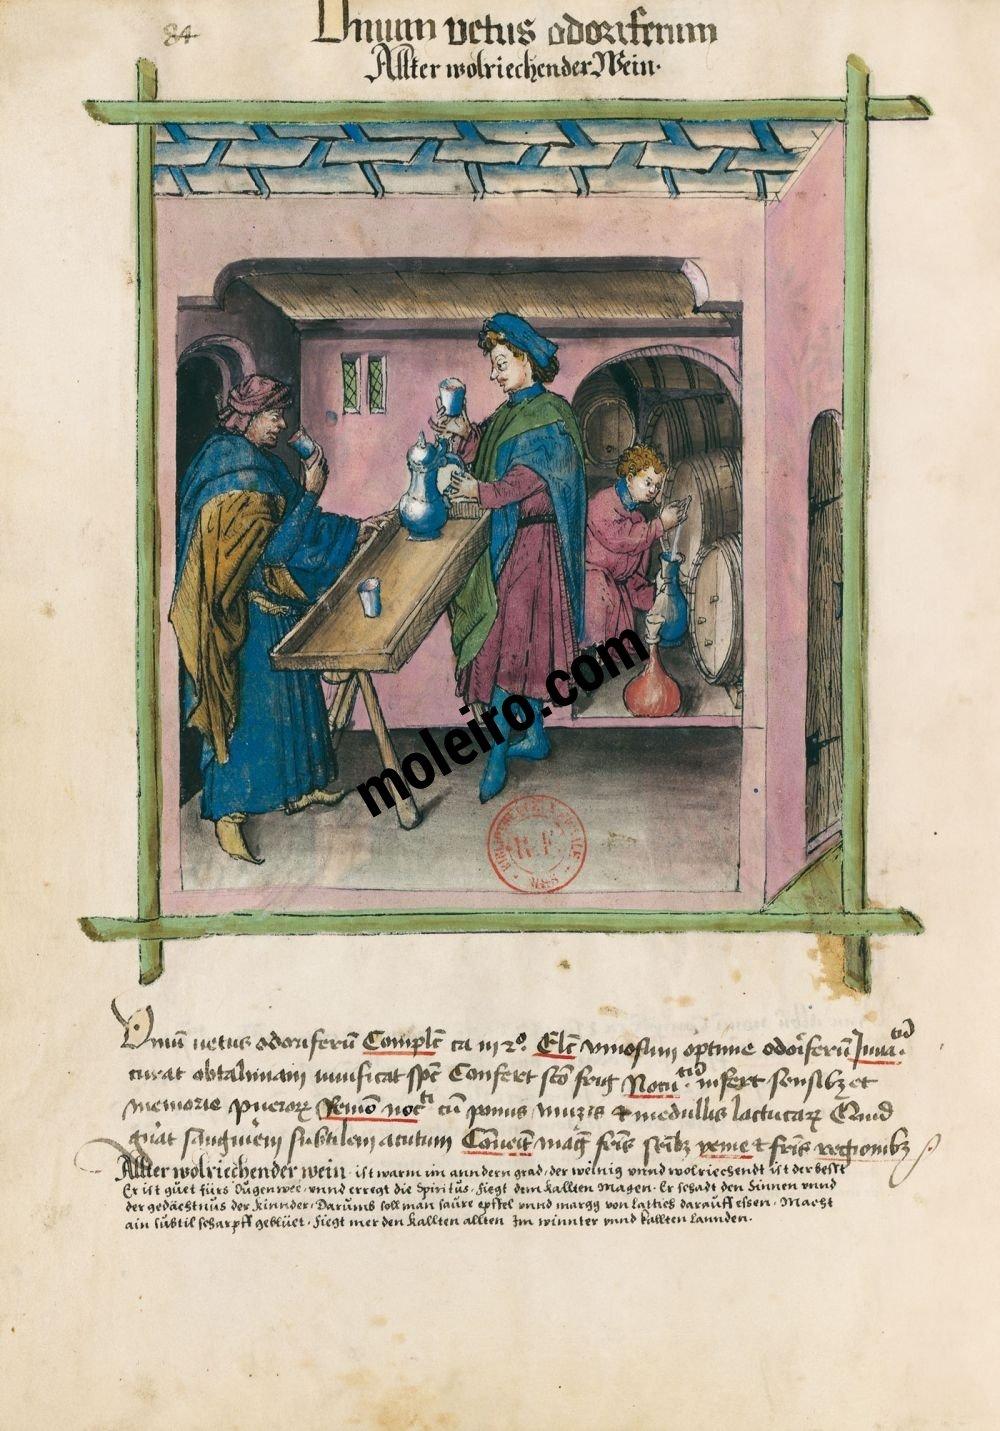 Tacuinum Sanitatis f. 84v, Alter wohlriechender Wein